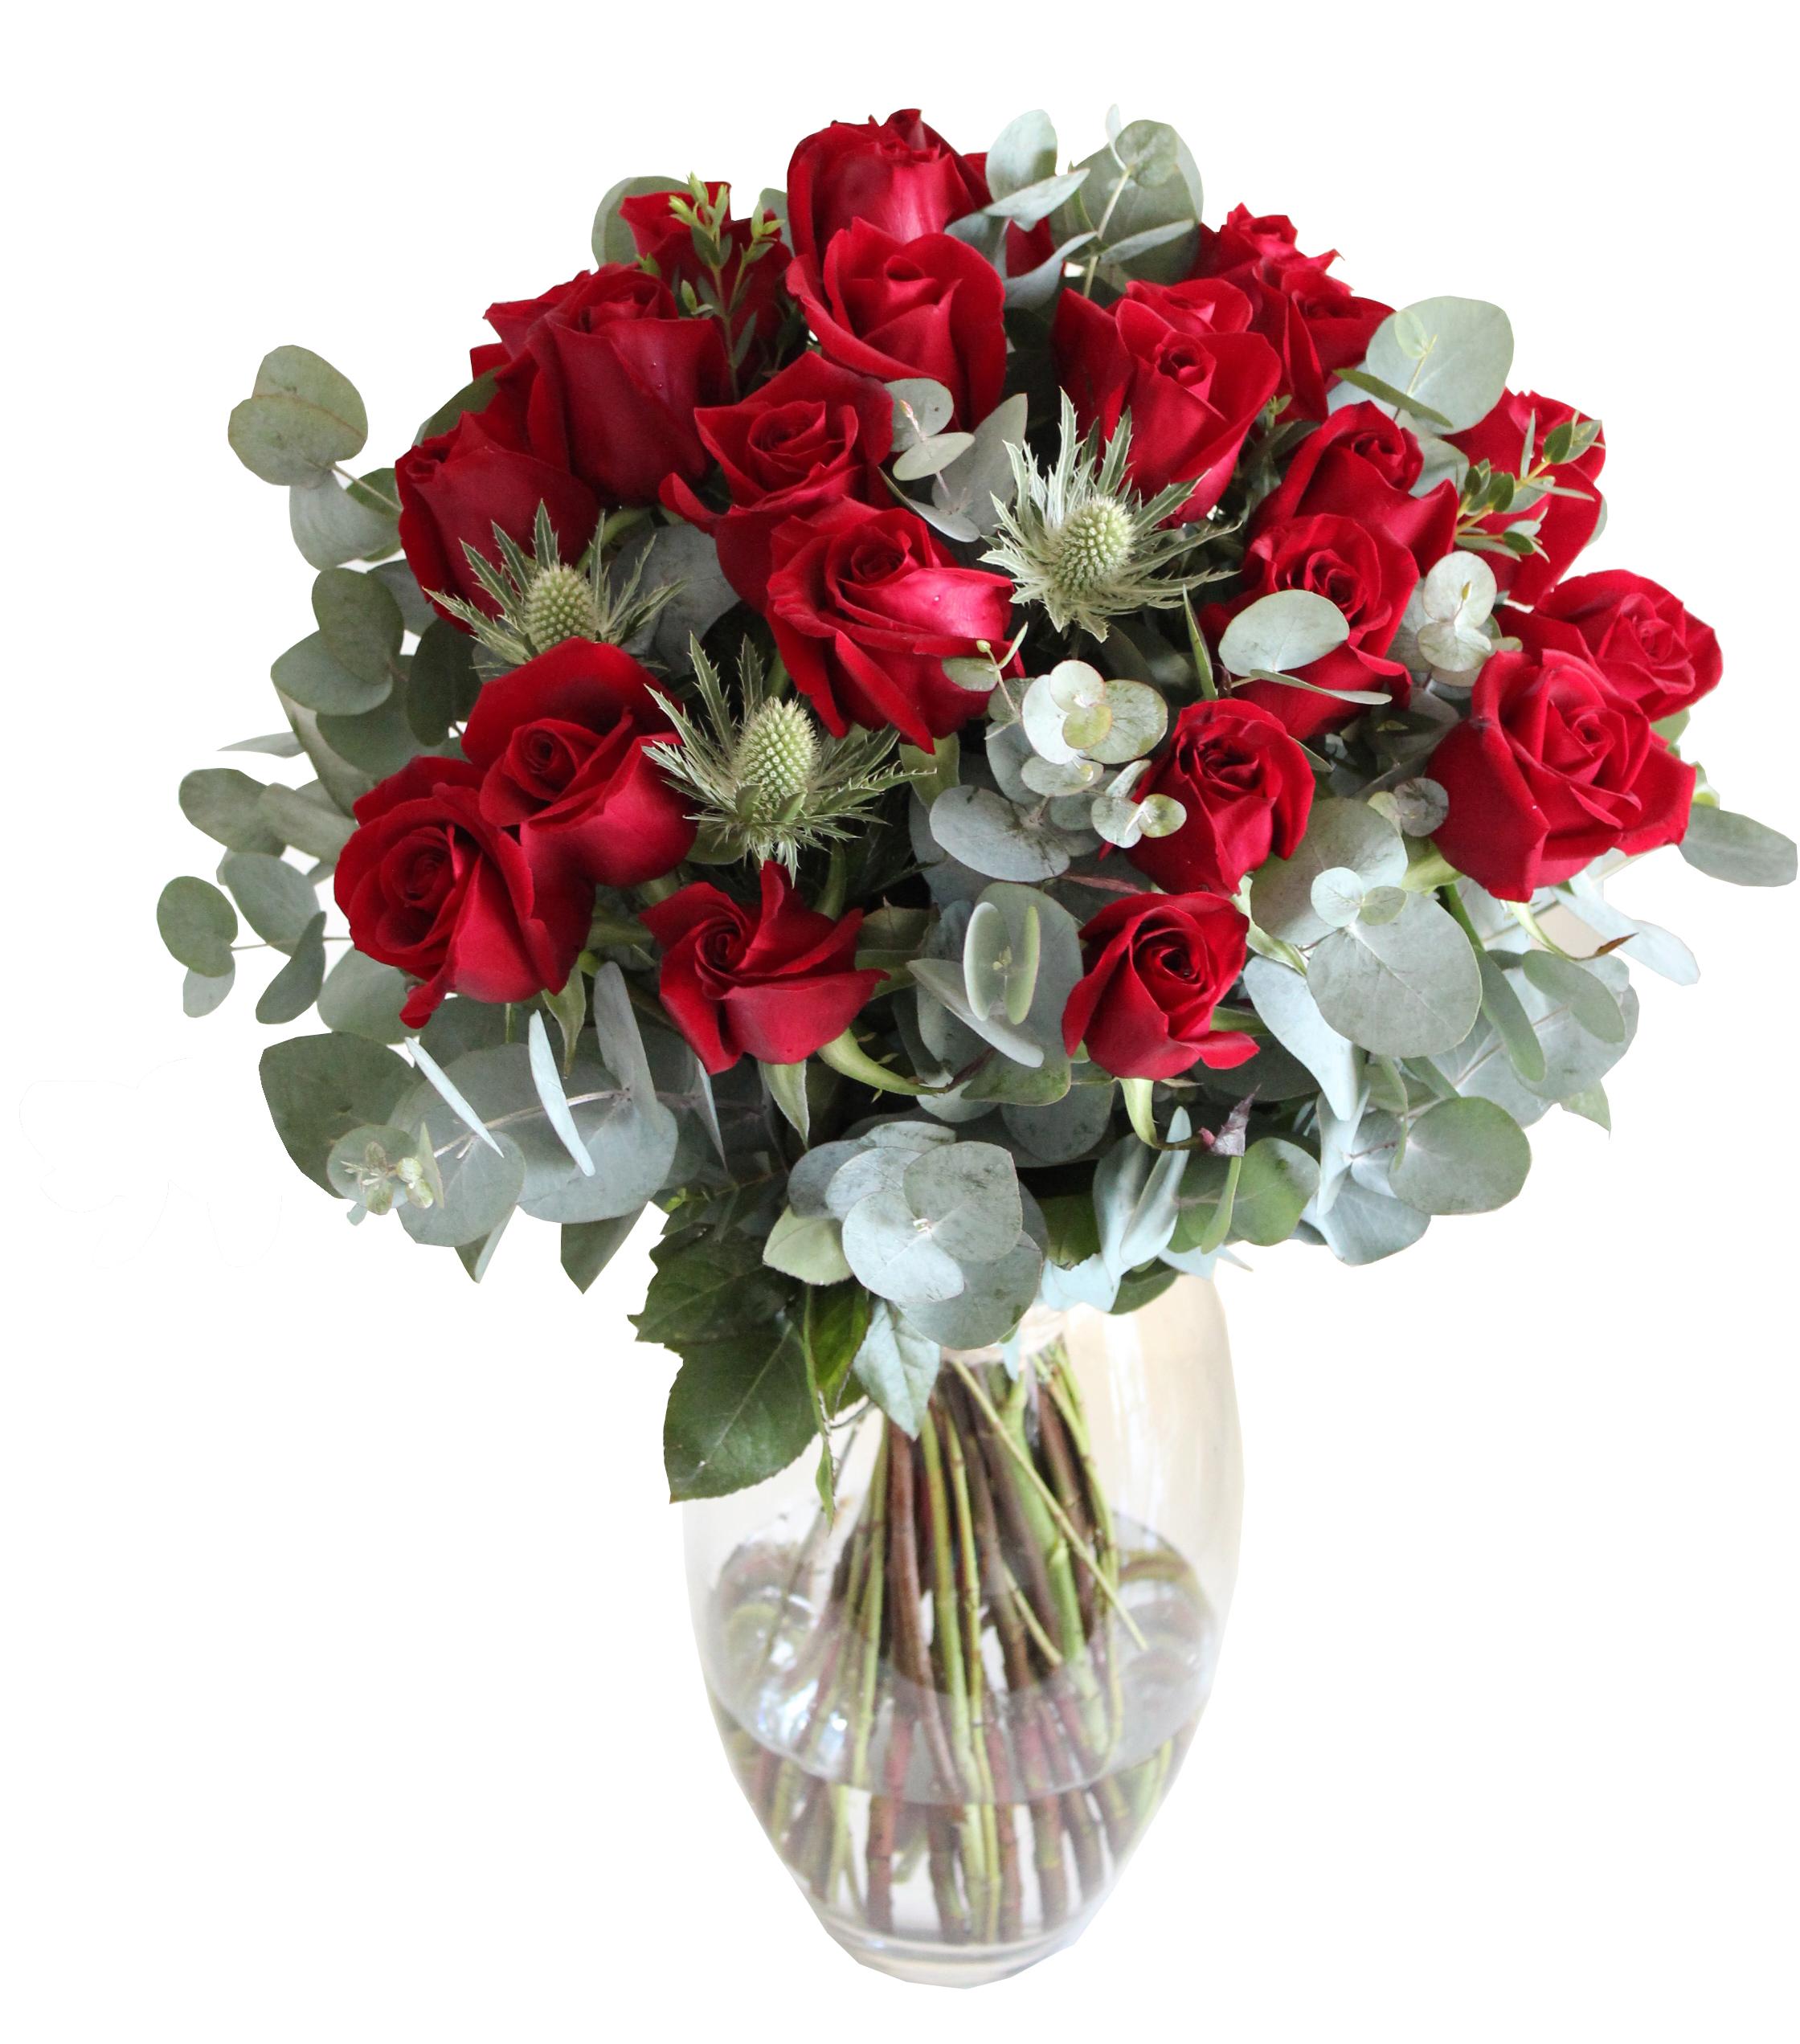 24 red roses in vase. Black Bedroom Furniture Sets. Home Design Ideas